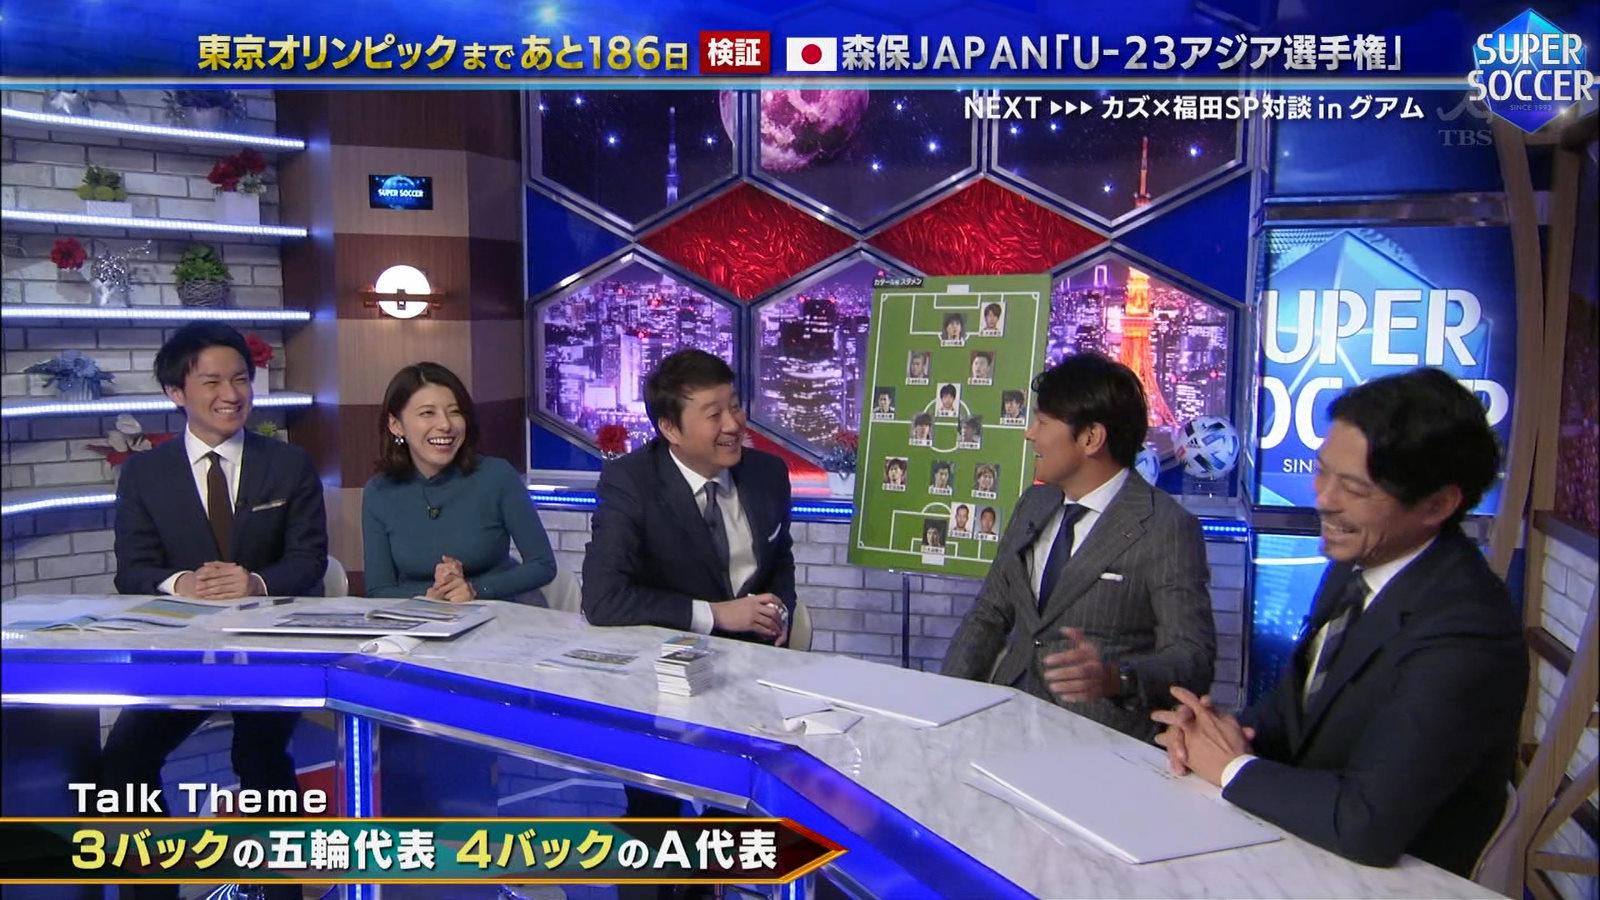 上村彩子_女子アナ_おっぱい_スーパーサッカー_13